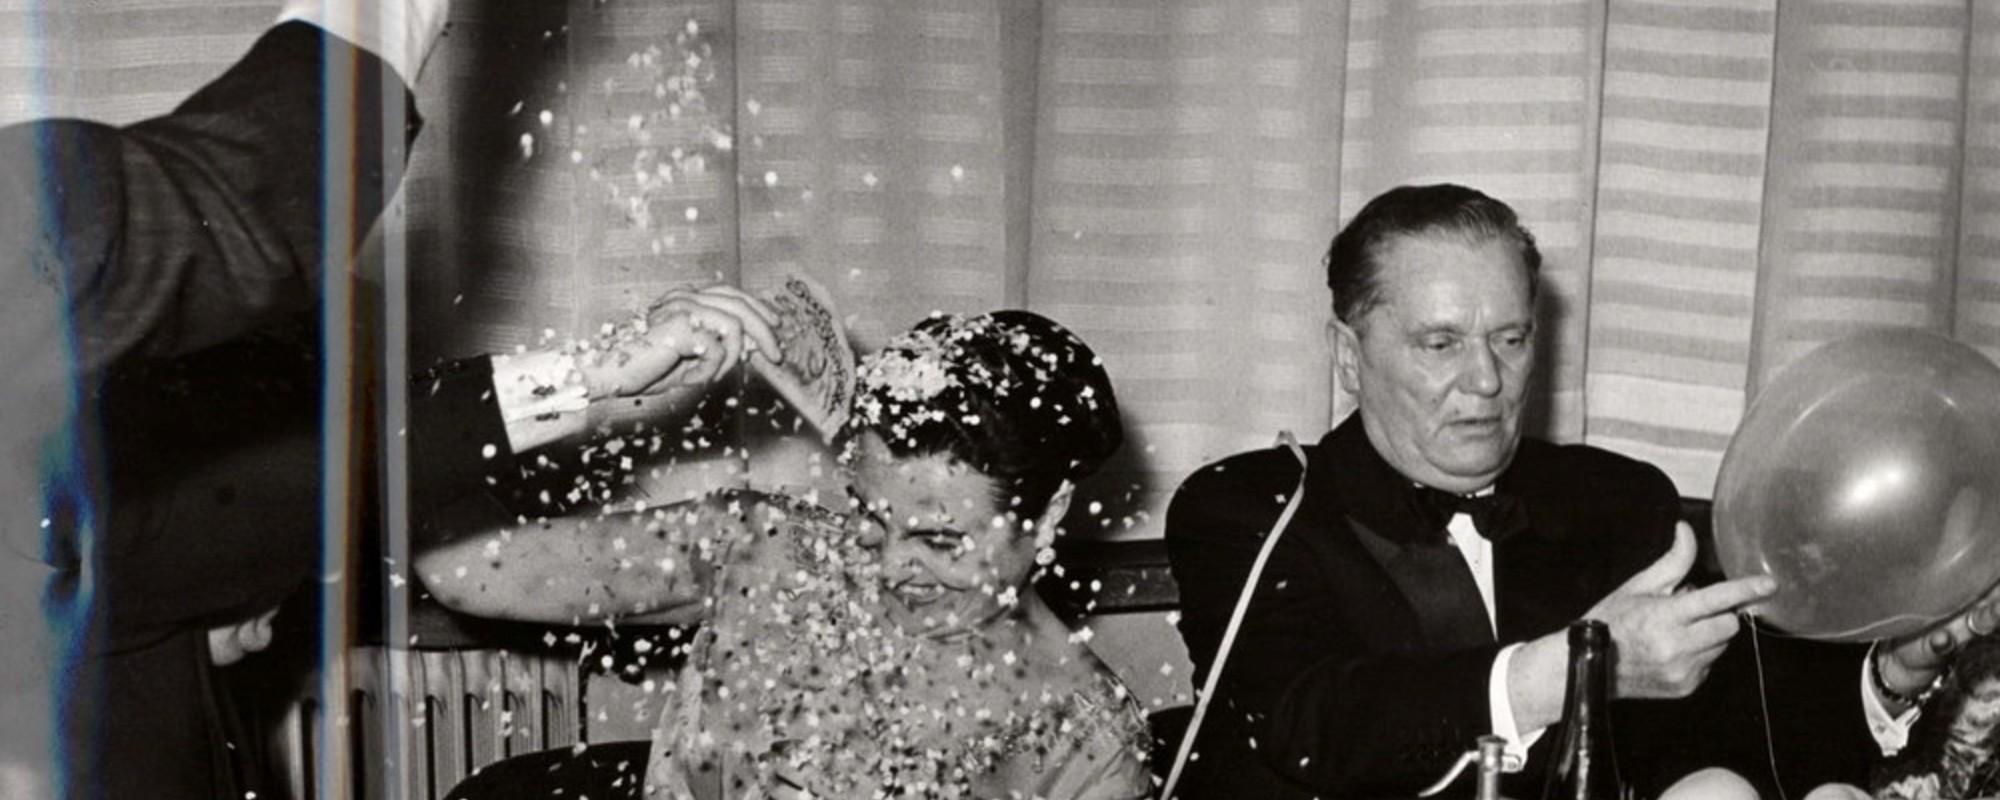 De uitbundige oud-en-nieuwfeesten van communistisch leider Tito